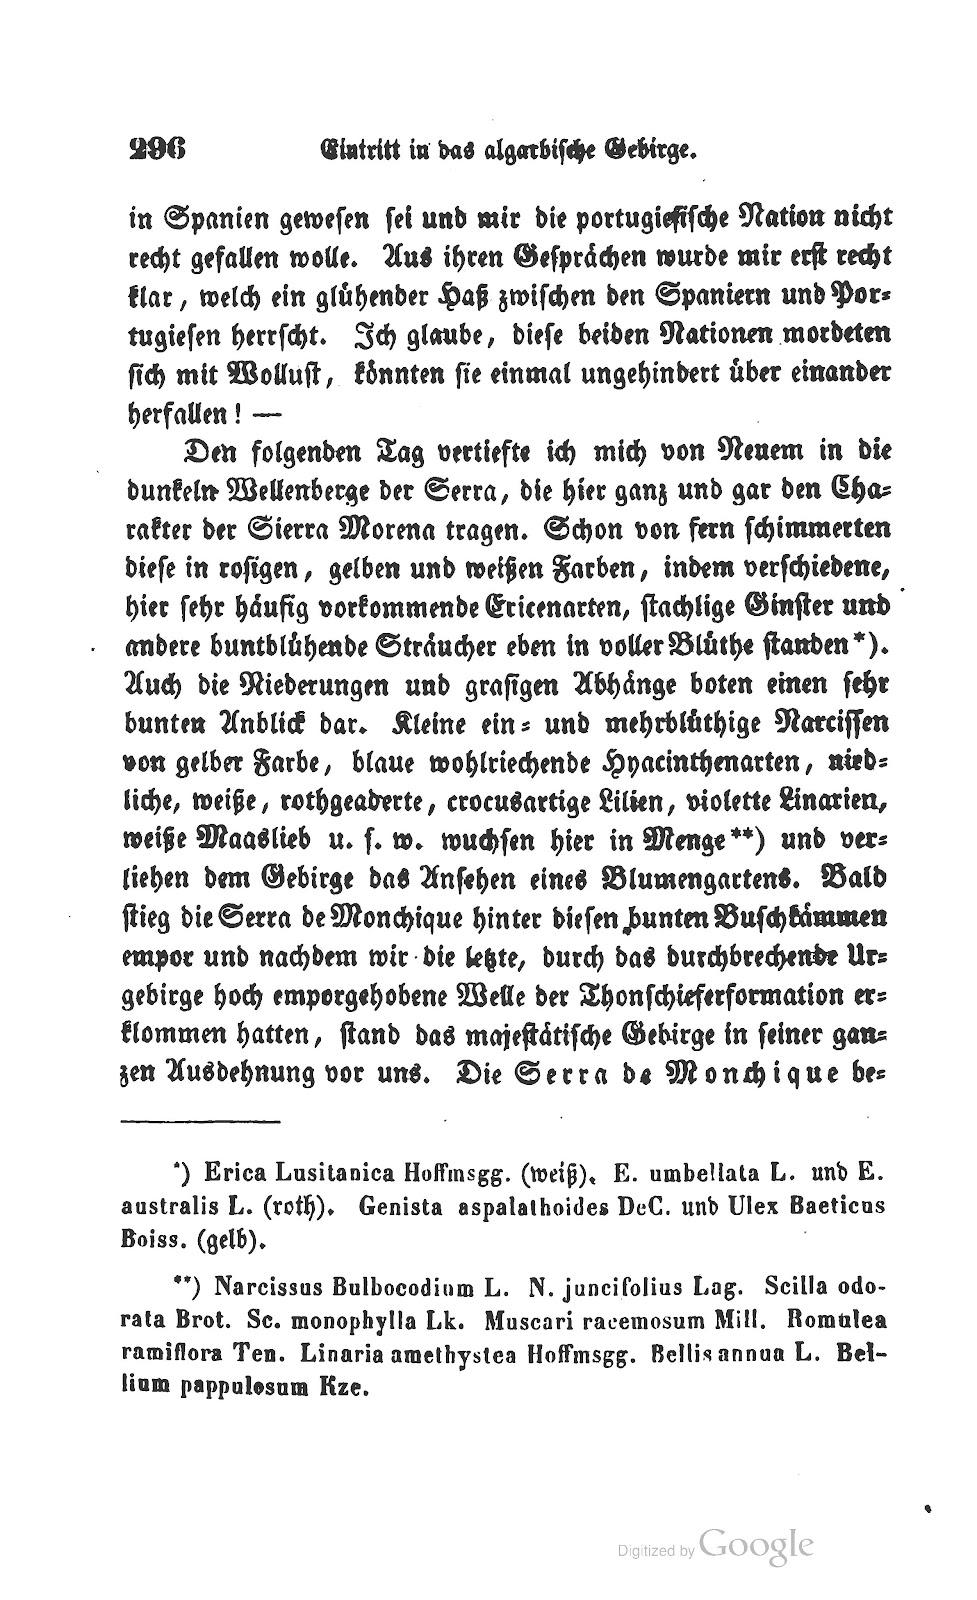 WIllkomm - 10. Kapitel Pages from Zwei_Jahre_in_Spanien_und_Portugal(3)_Page_38.jpg